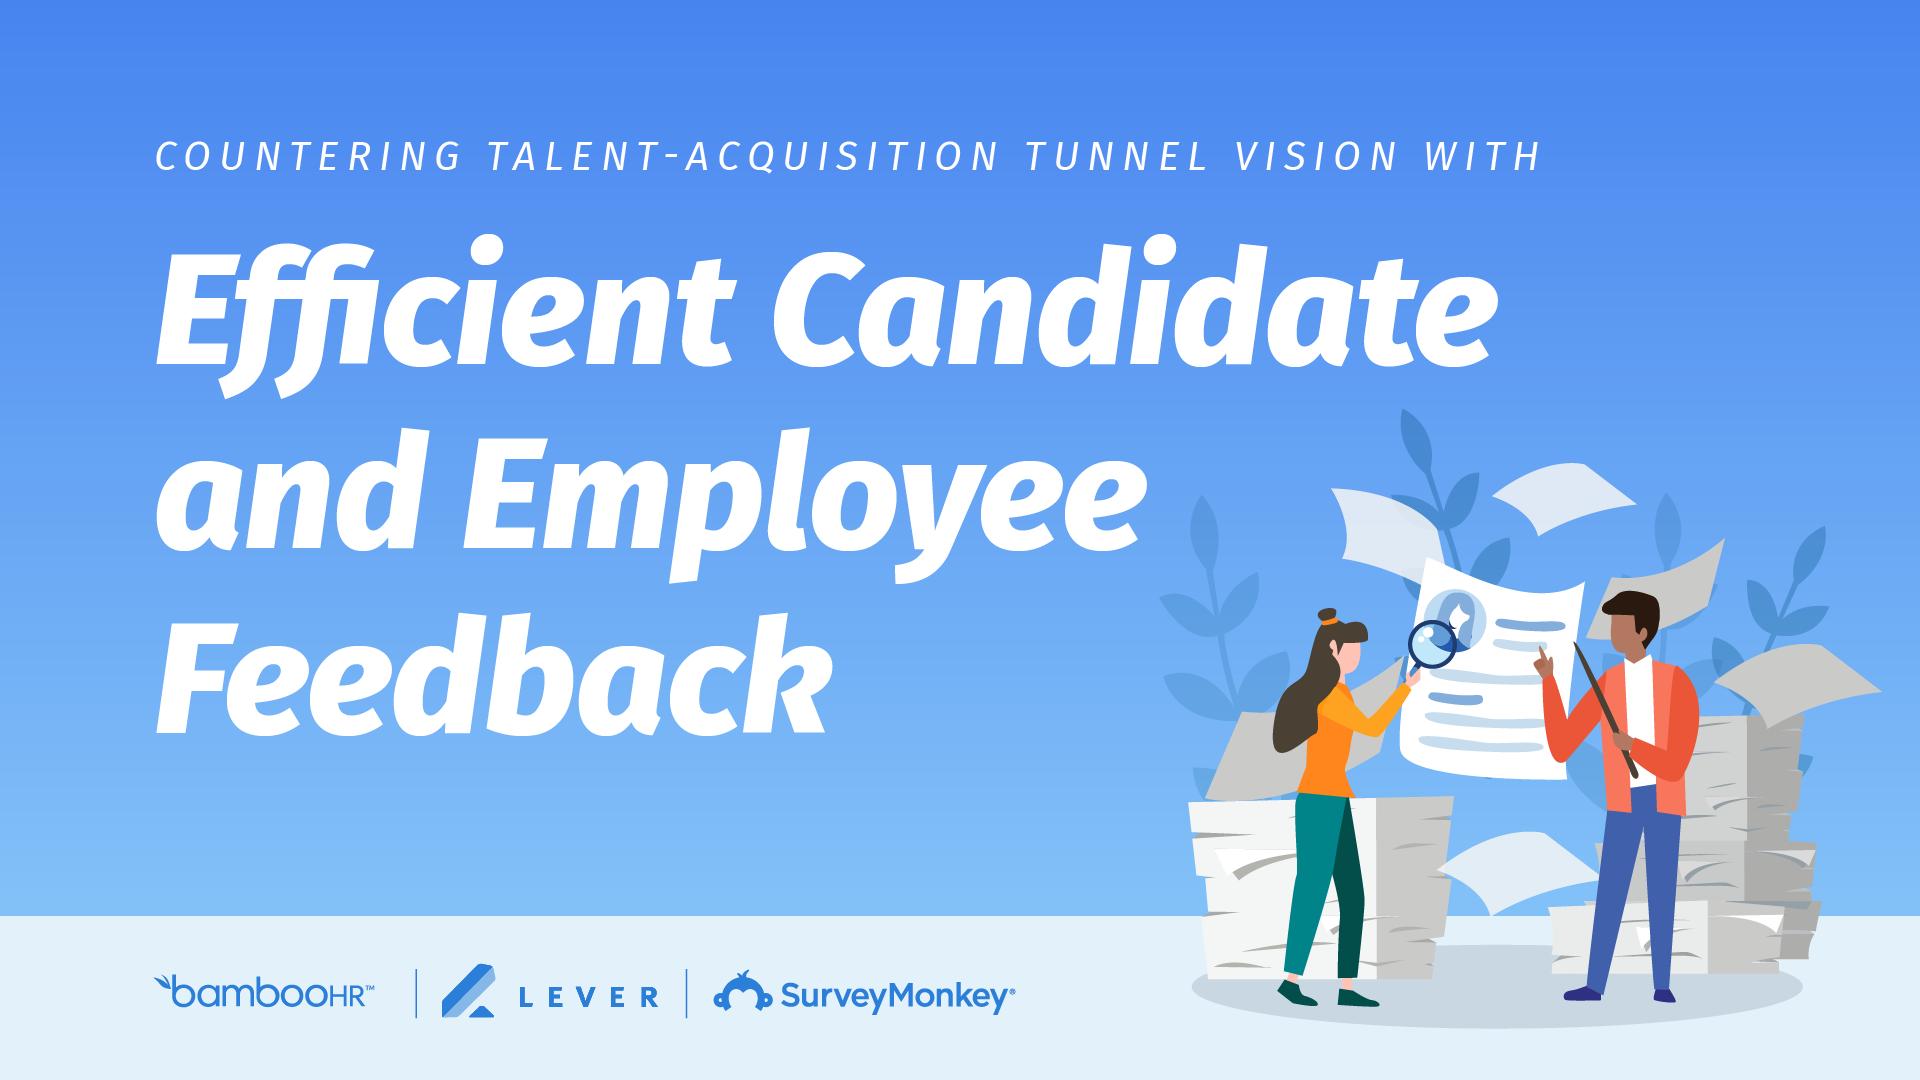 用有效的候选人和员工反馈来应对人才获取的狭窄视野